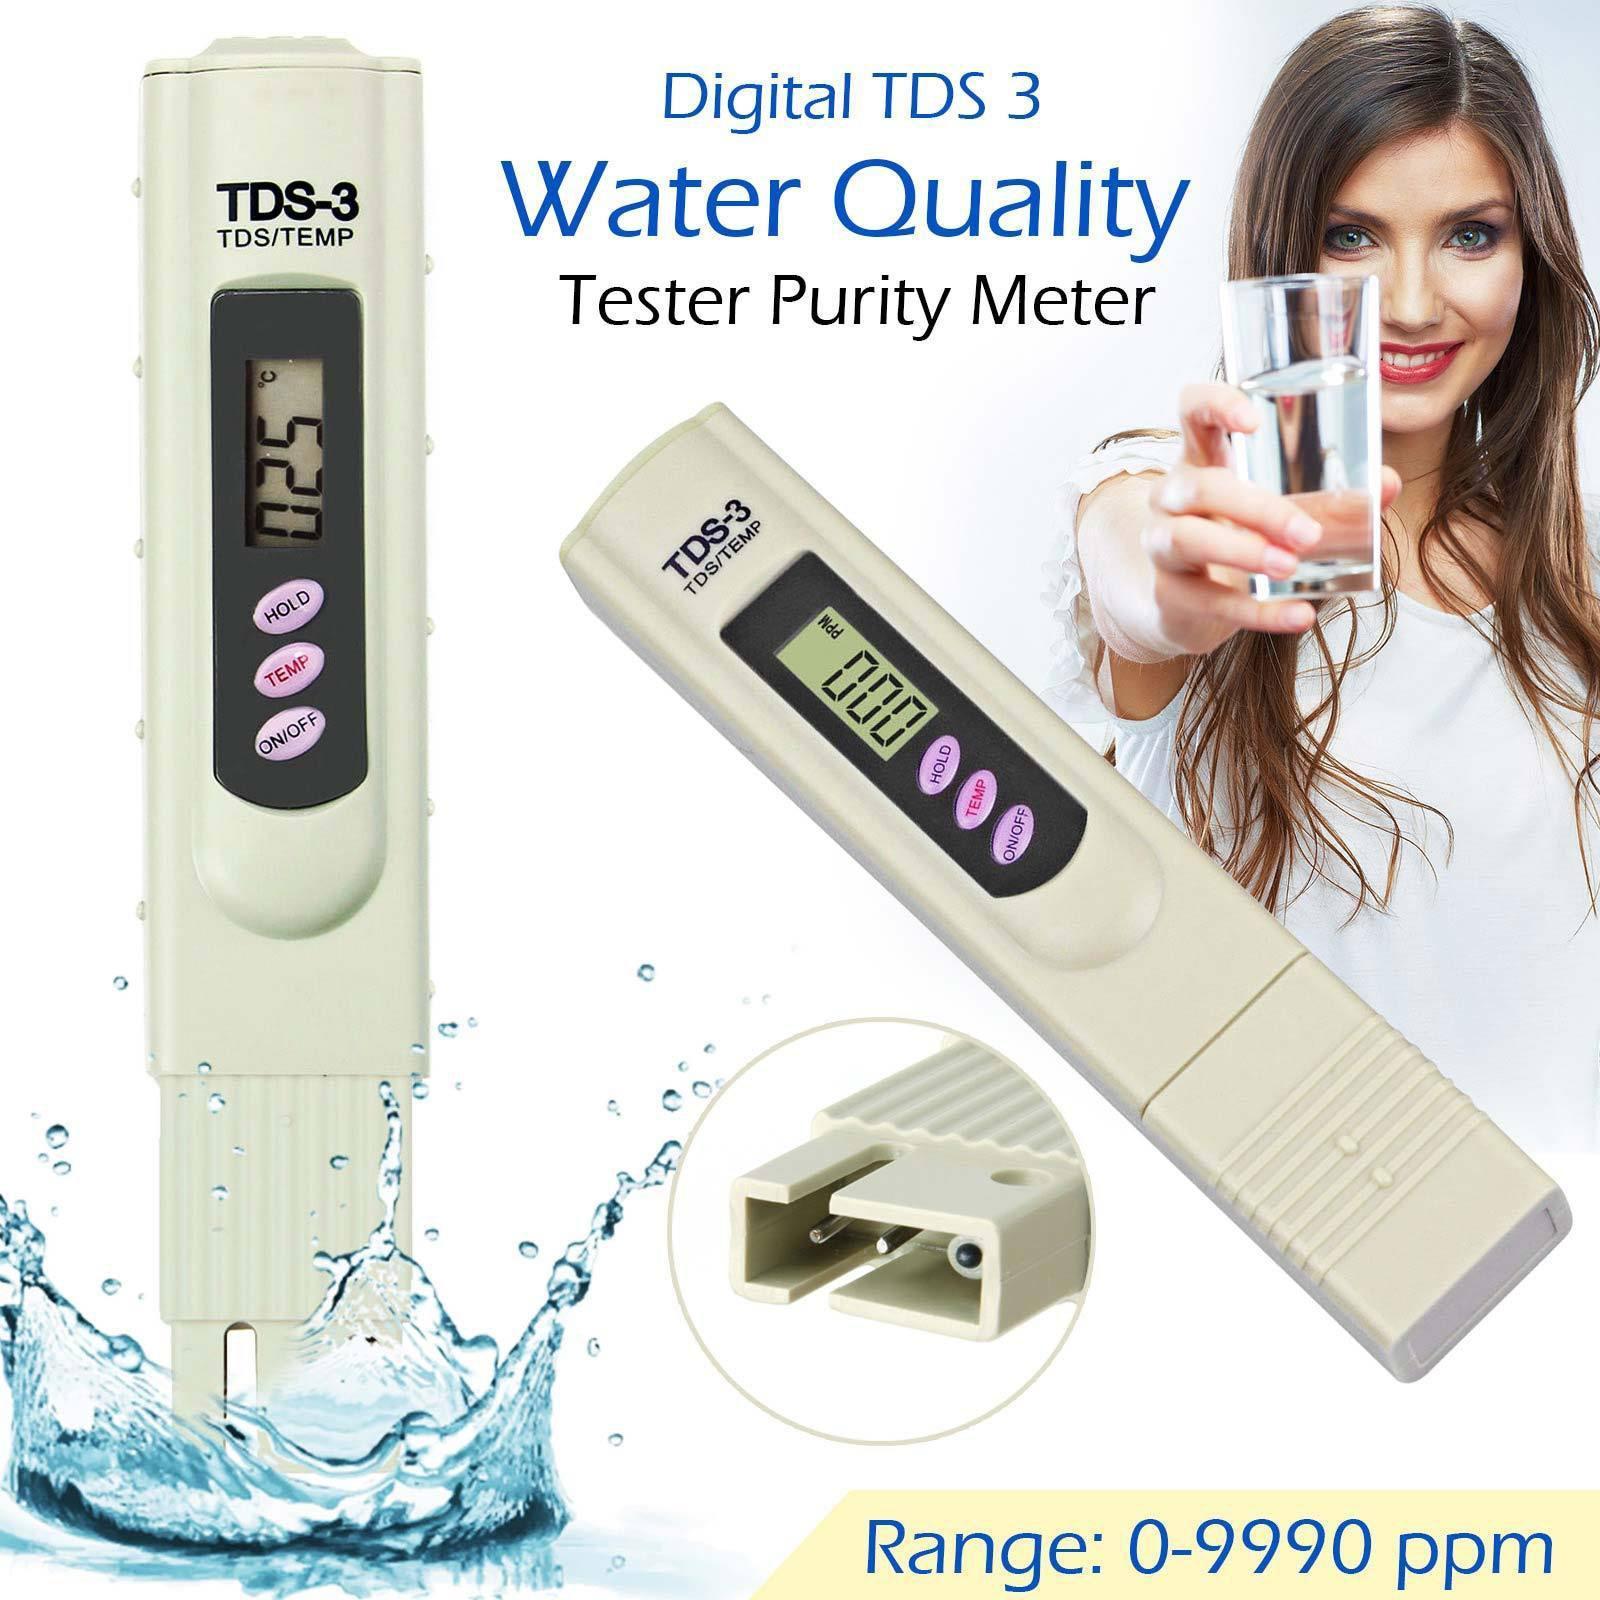 Thiết bị kiểm tra chất lượng nước, bút đo độ tinh khiết của nước, bút đo ph nước, cách sử dụng bút thử nước, Bút thử nước TDS-3 đo nhanh chóng, có độ chính xác cao, an toàn. Bảo hành 1 đổi 1